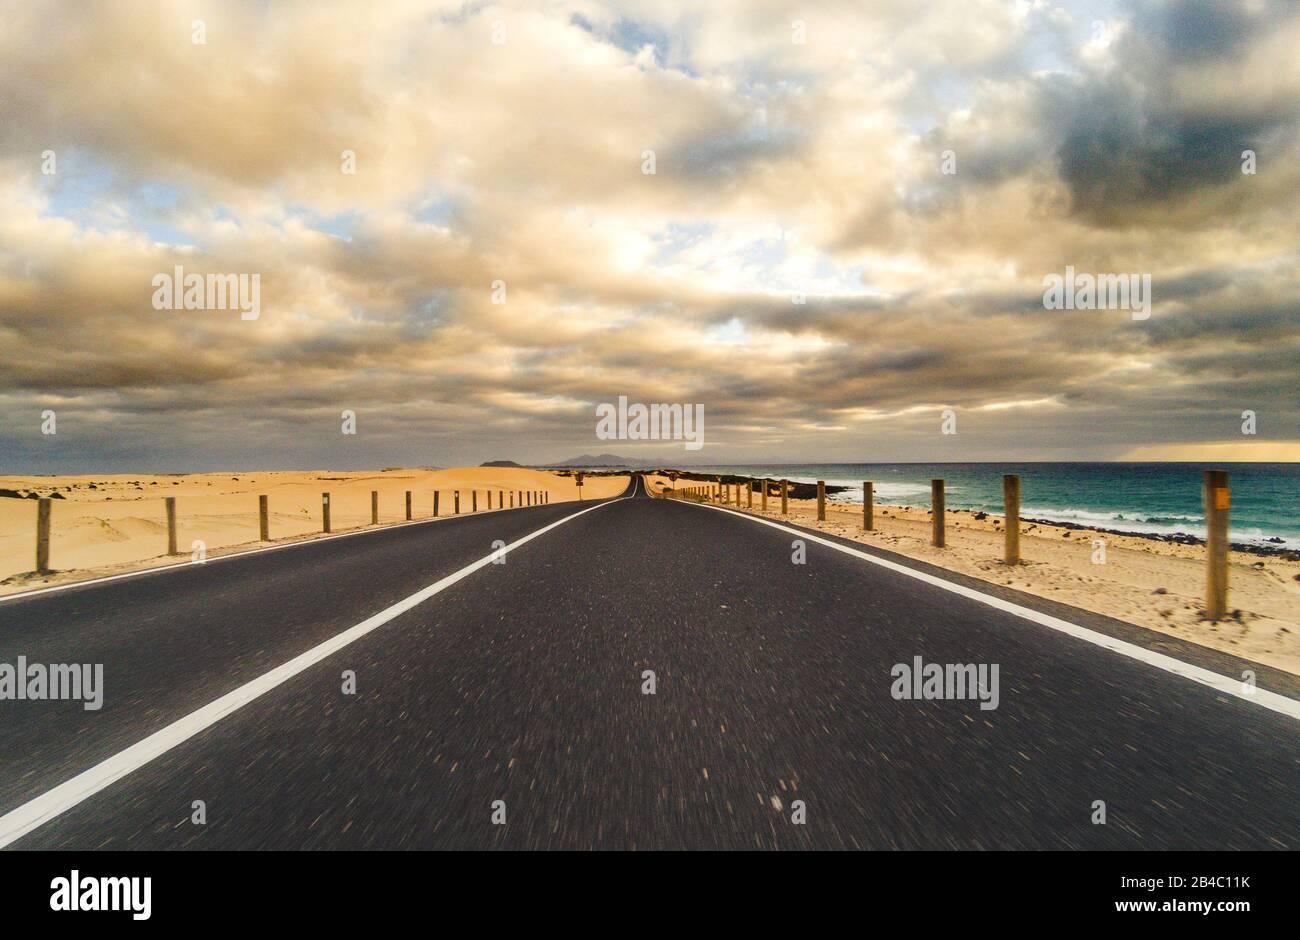 Route à long chemin pour voyage concept de transport de voiture avec désert et plage sur le côté - eau de mer et ciel nuageux magnifique en arrière-plan - effet de mouvement Banque D'Images